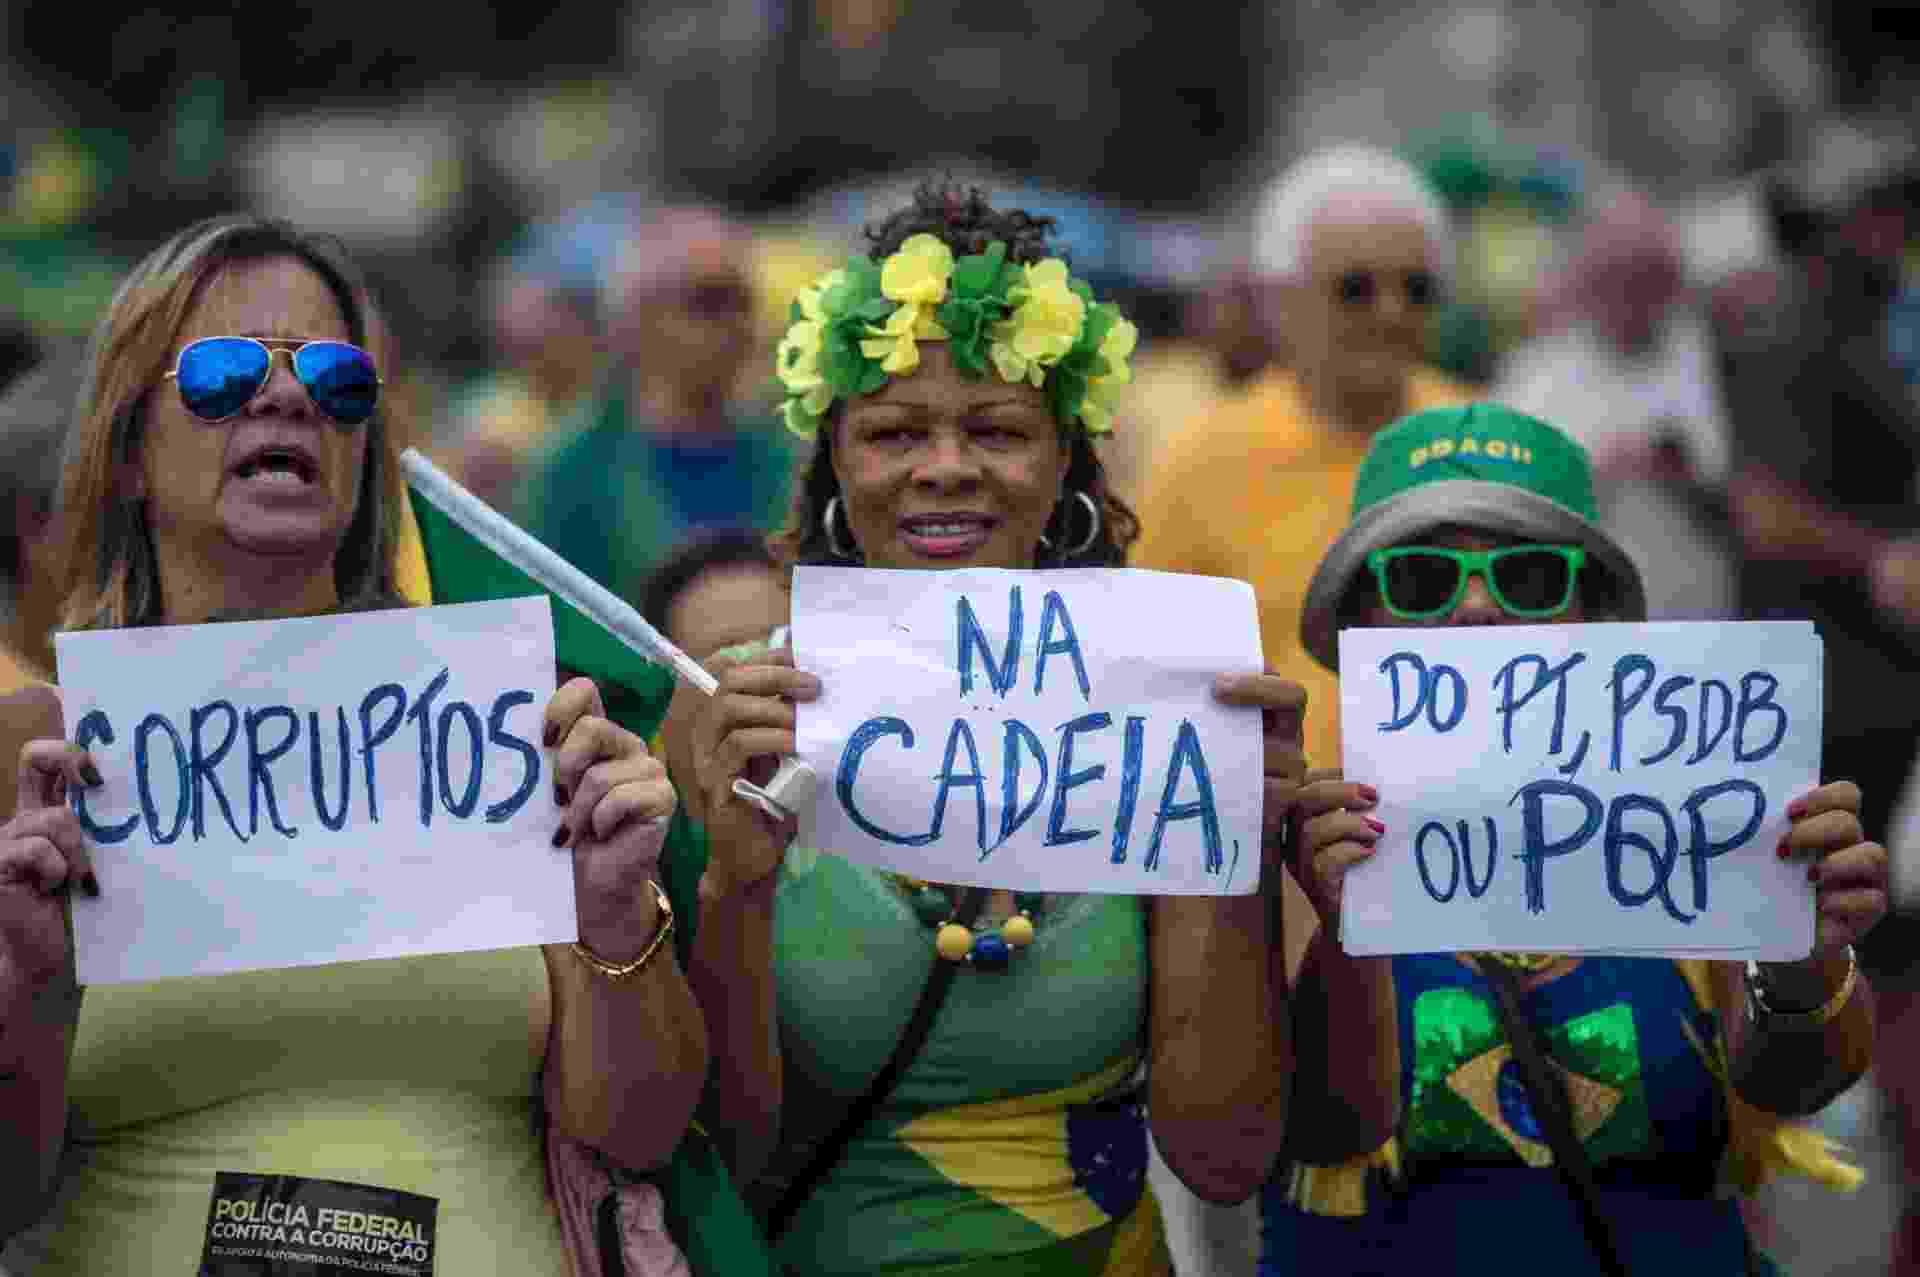 Essas mulheres foram à praia de Copacabana, na zona sul do Rio de Janeiro. Nos cartazes, elas pedem a prisão de todos os políticos envolvidos em corrupção, citando o PT e o principal partido da oposição, o PSDB - Christophe Simon/AFP